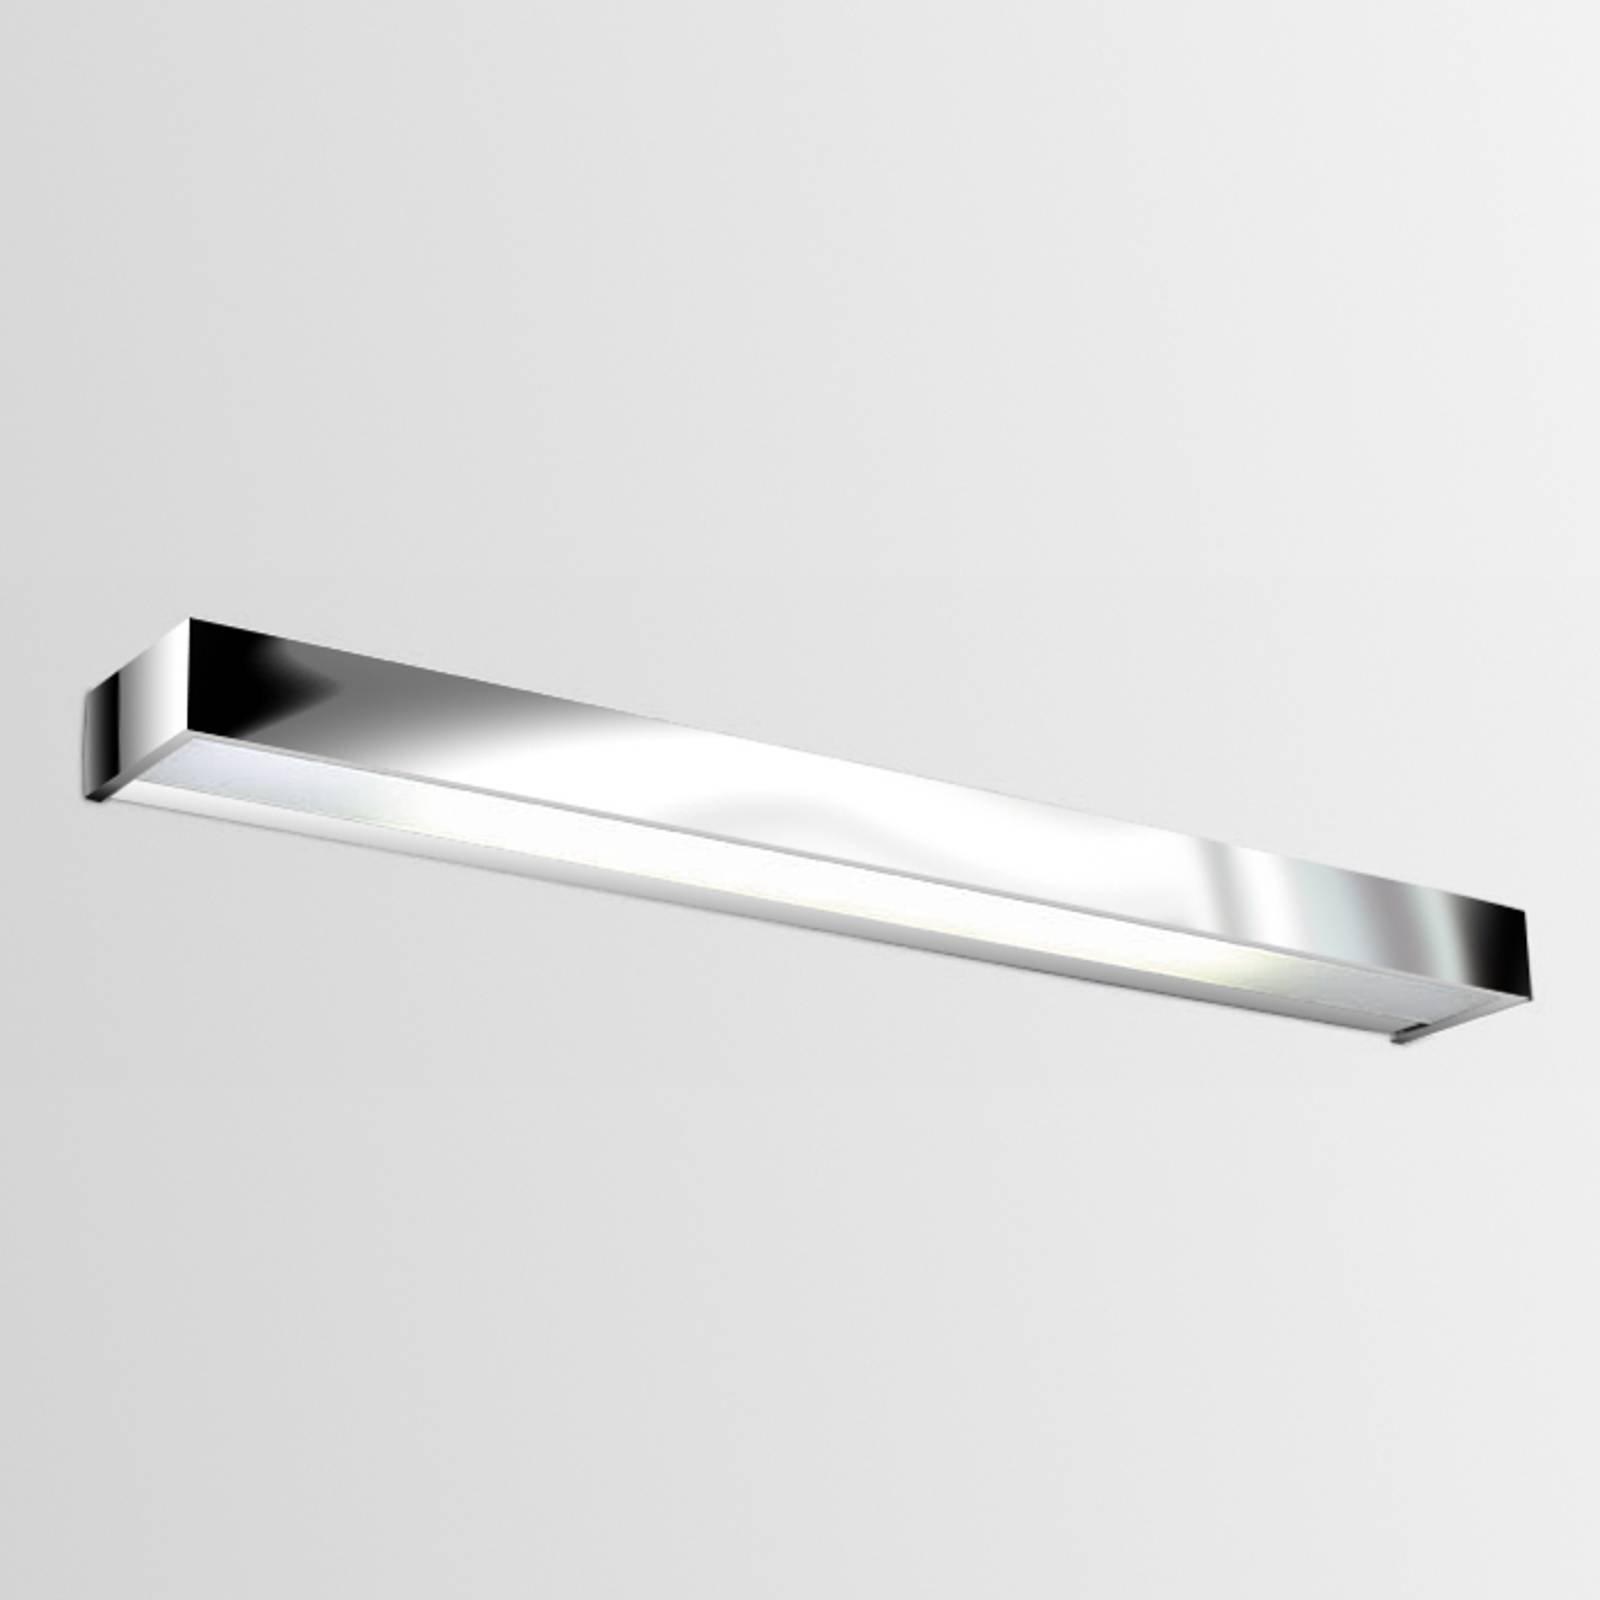 Utmerket LED-vegglampe Apolo, 80 cm krom